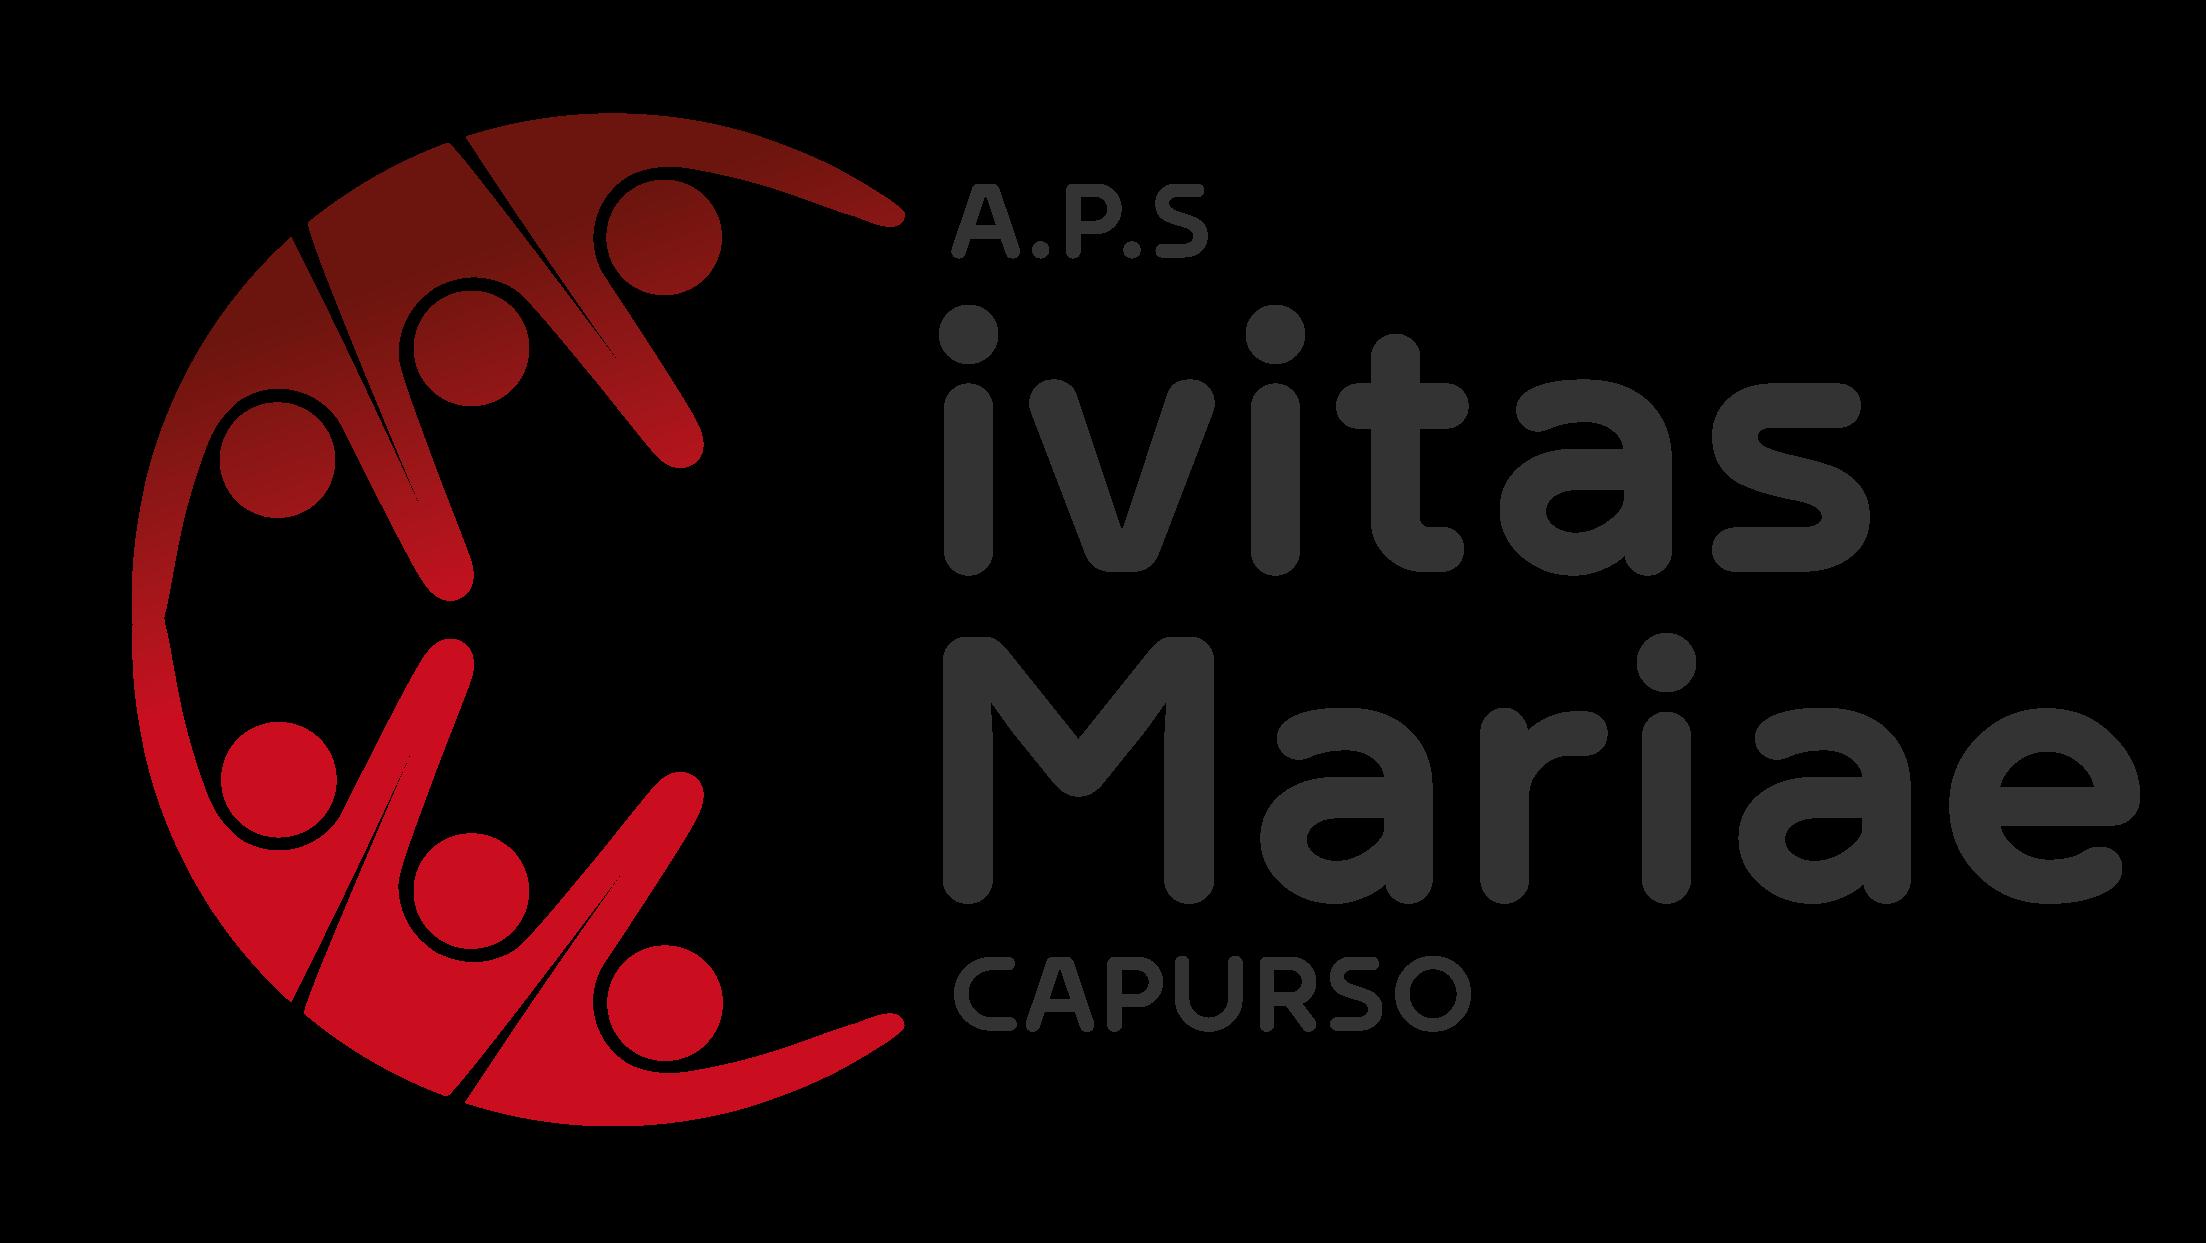 APS Civitas Mariae